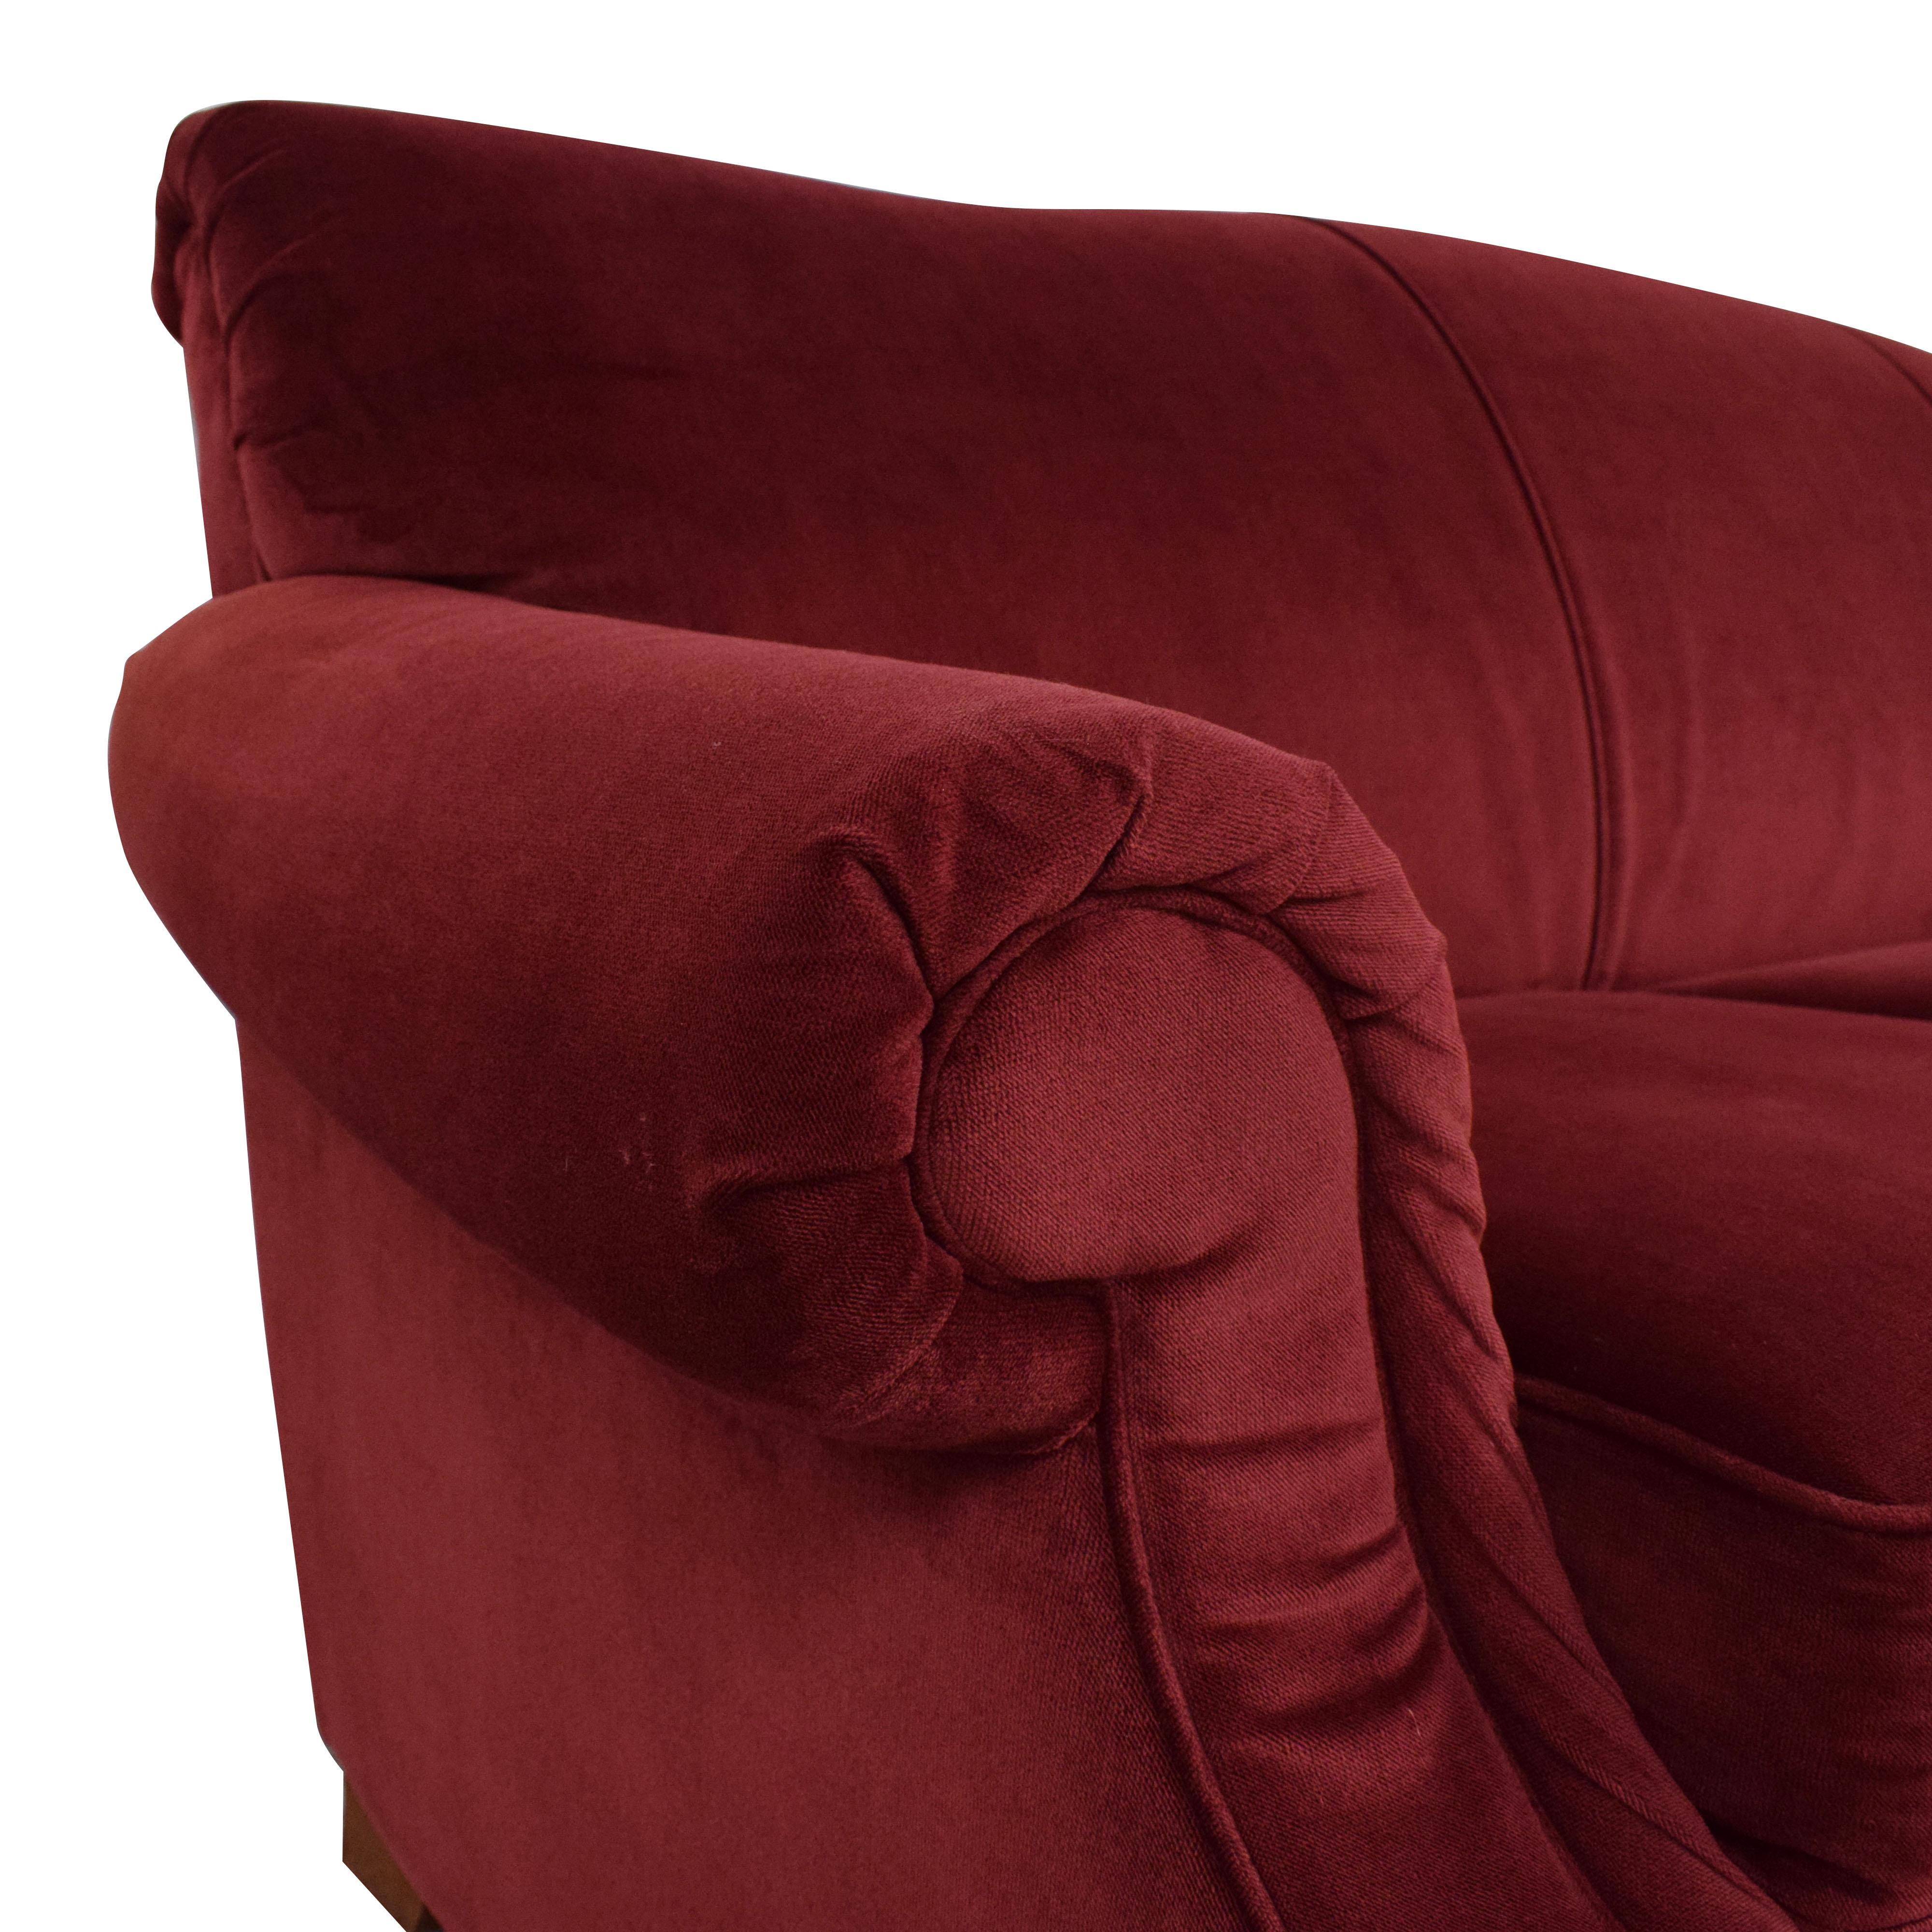 La-Z-Boy La-Z-Boy Traditional Sofa on sale